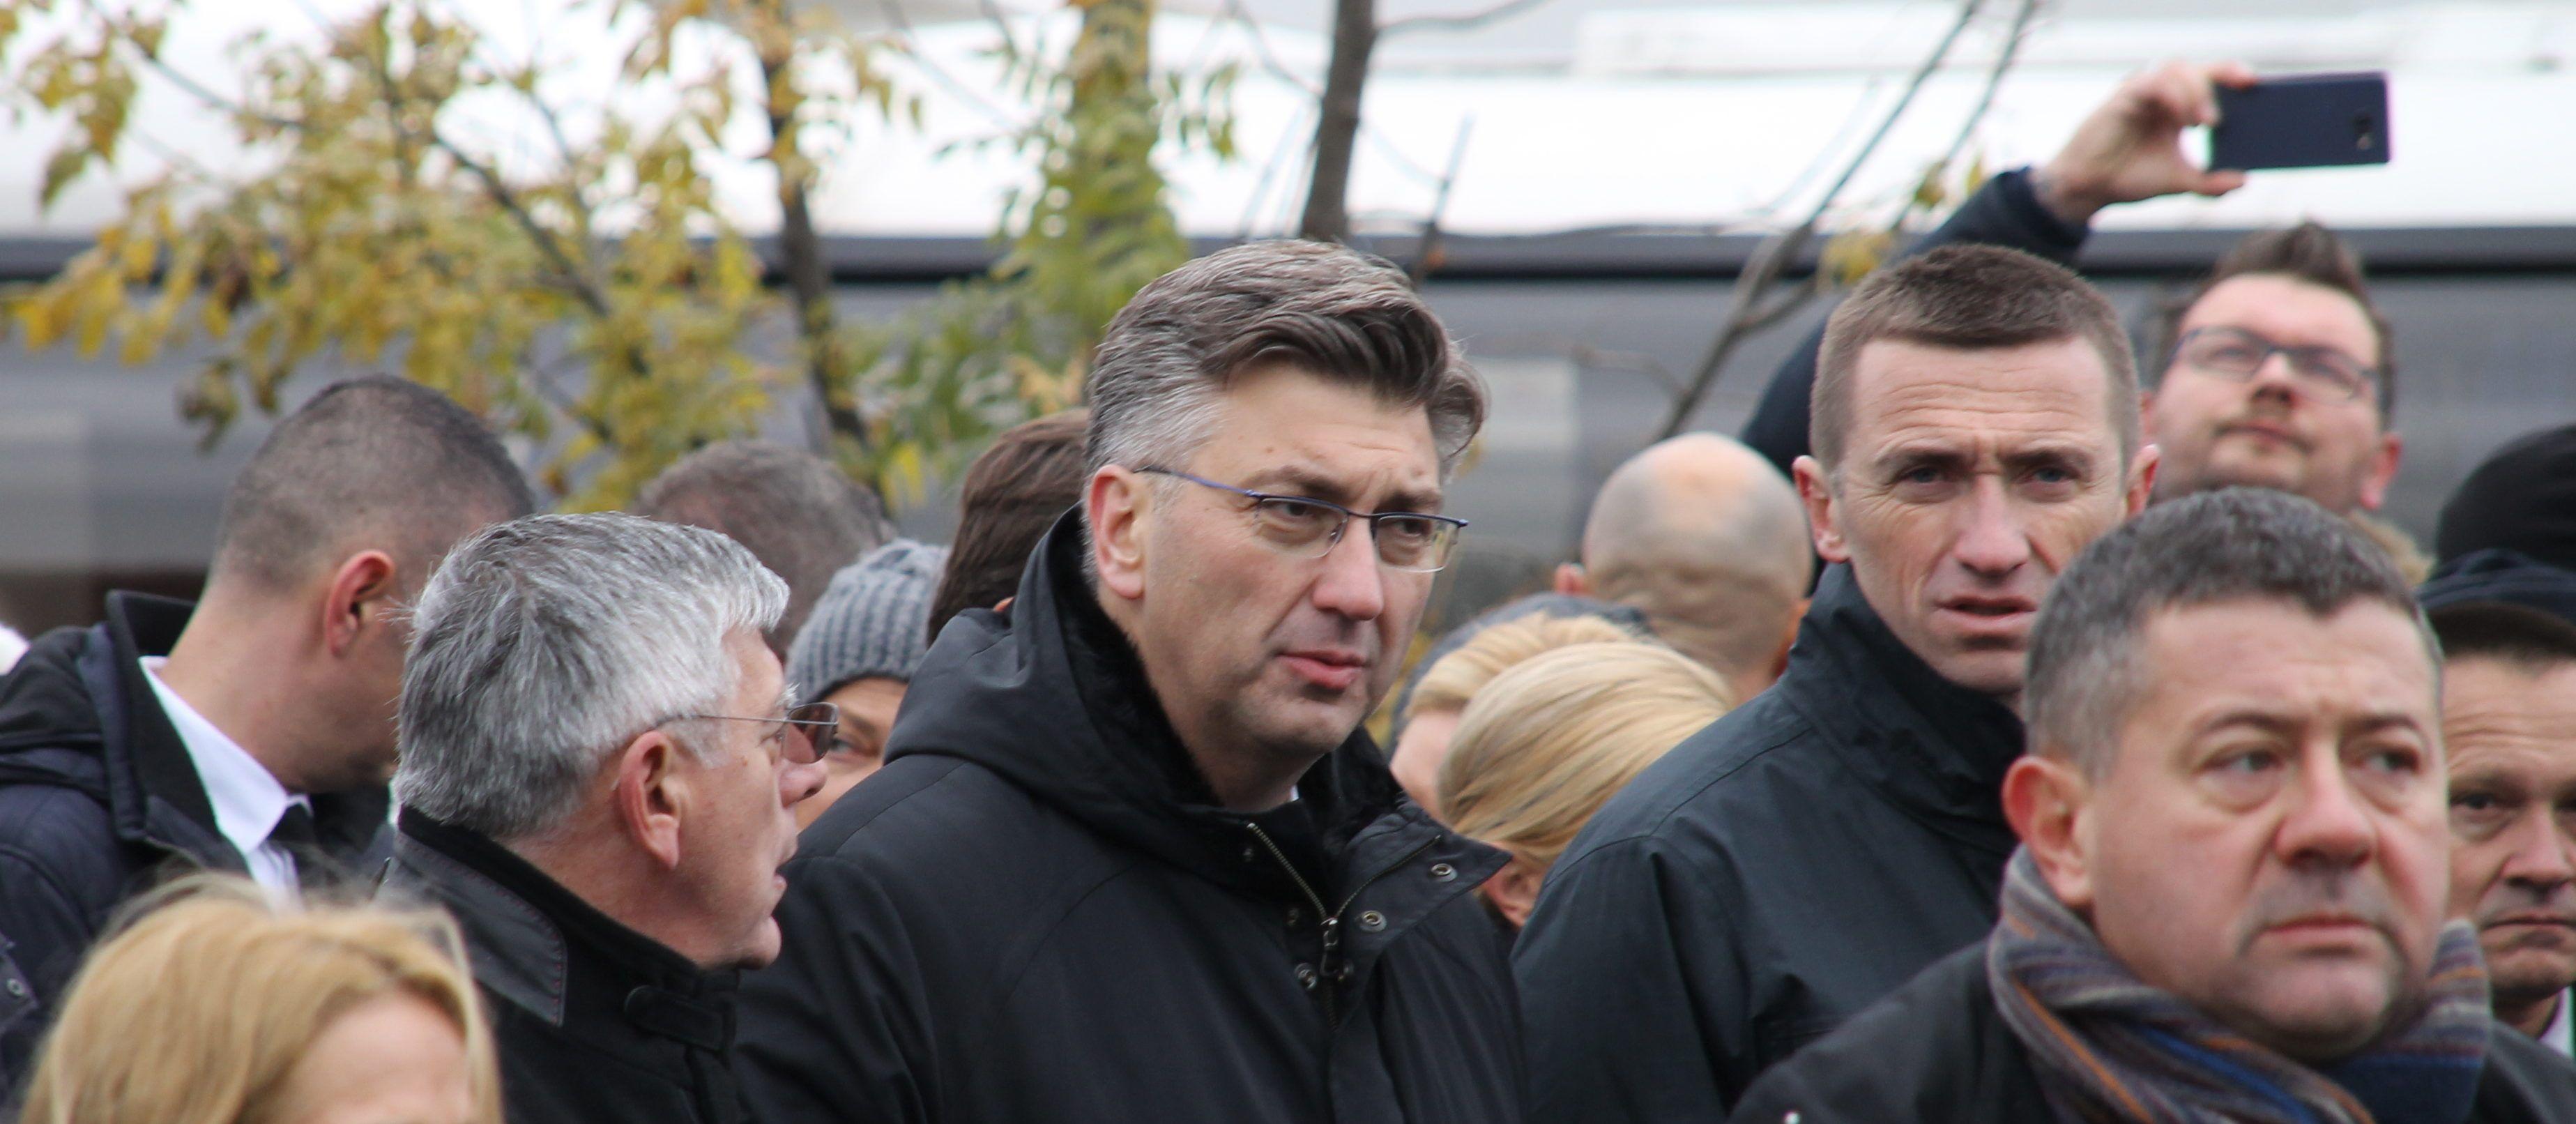 Plenković: Novi kalendar omogućit će da se izbjegnu nedoumice i nedorečenosti